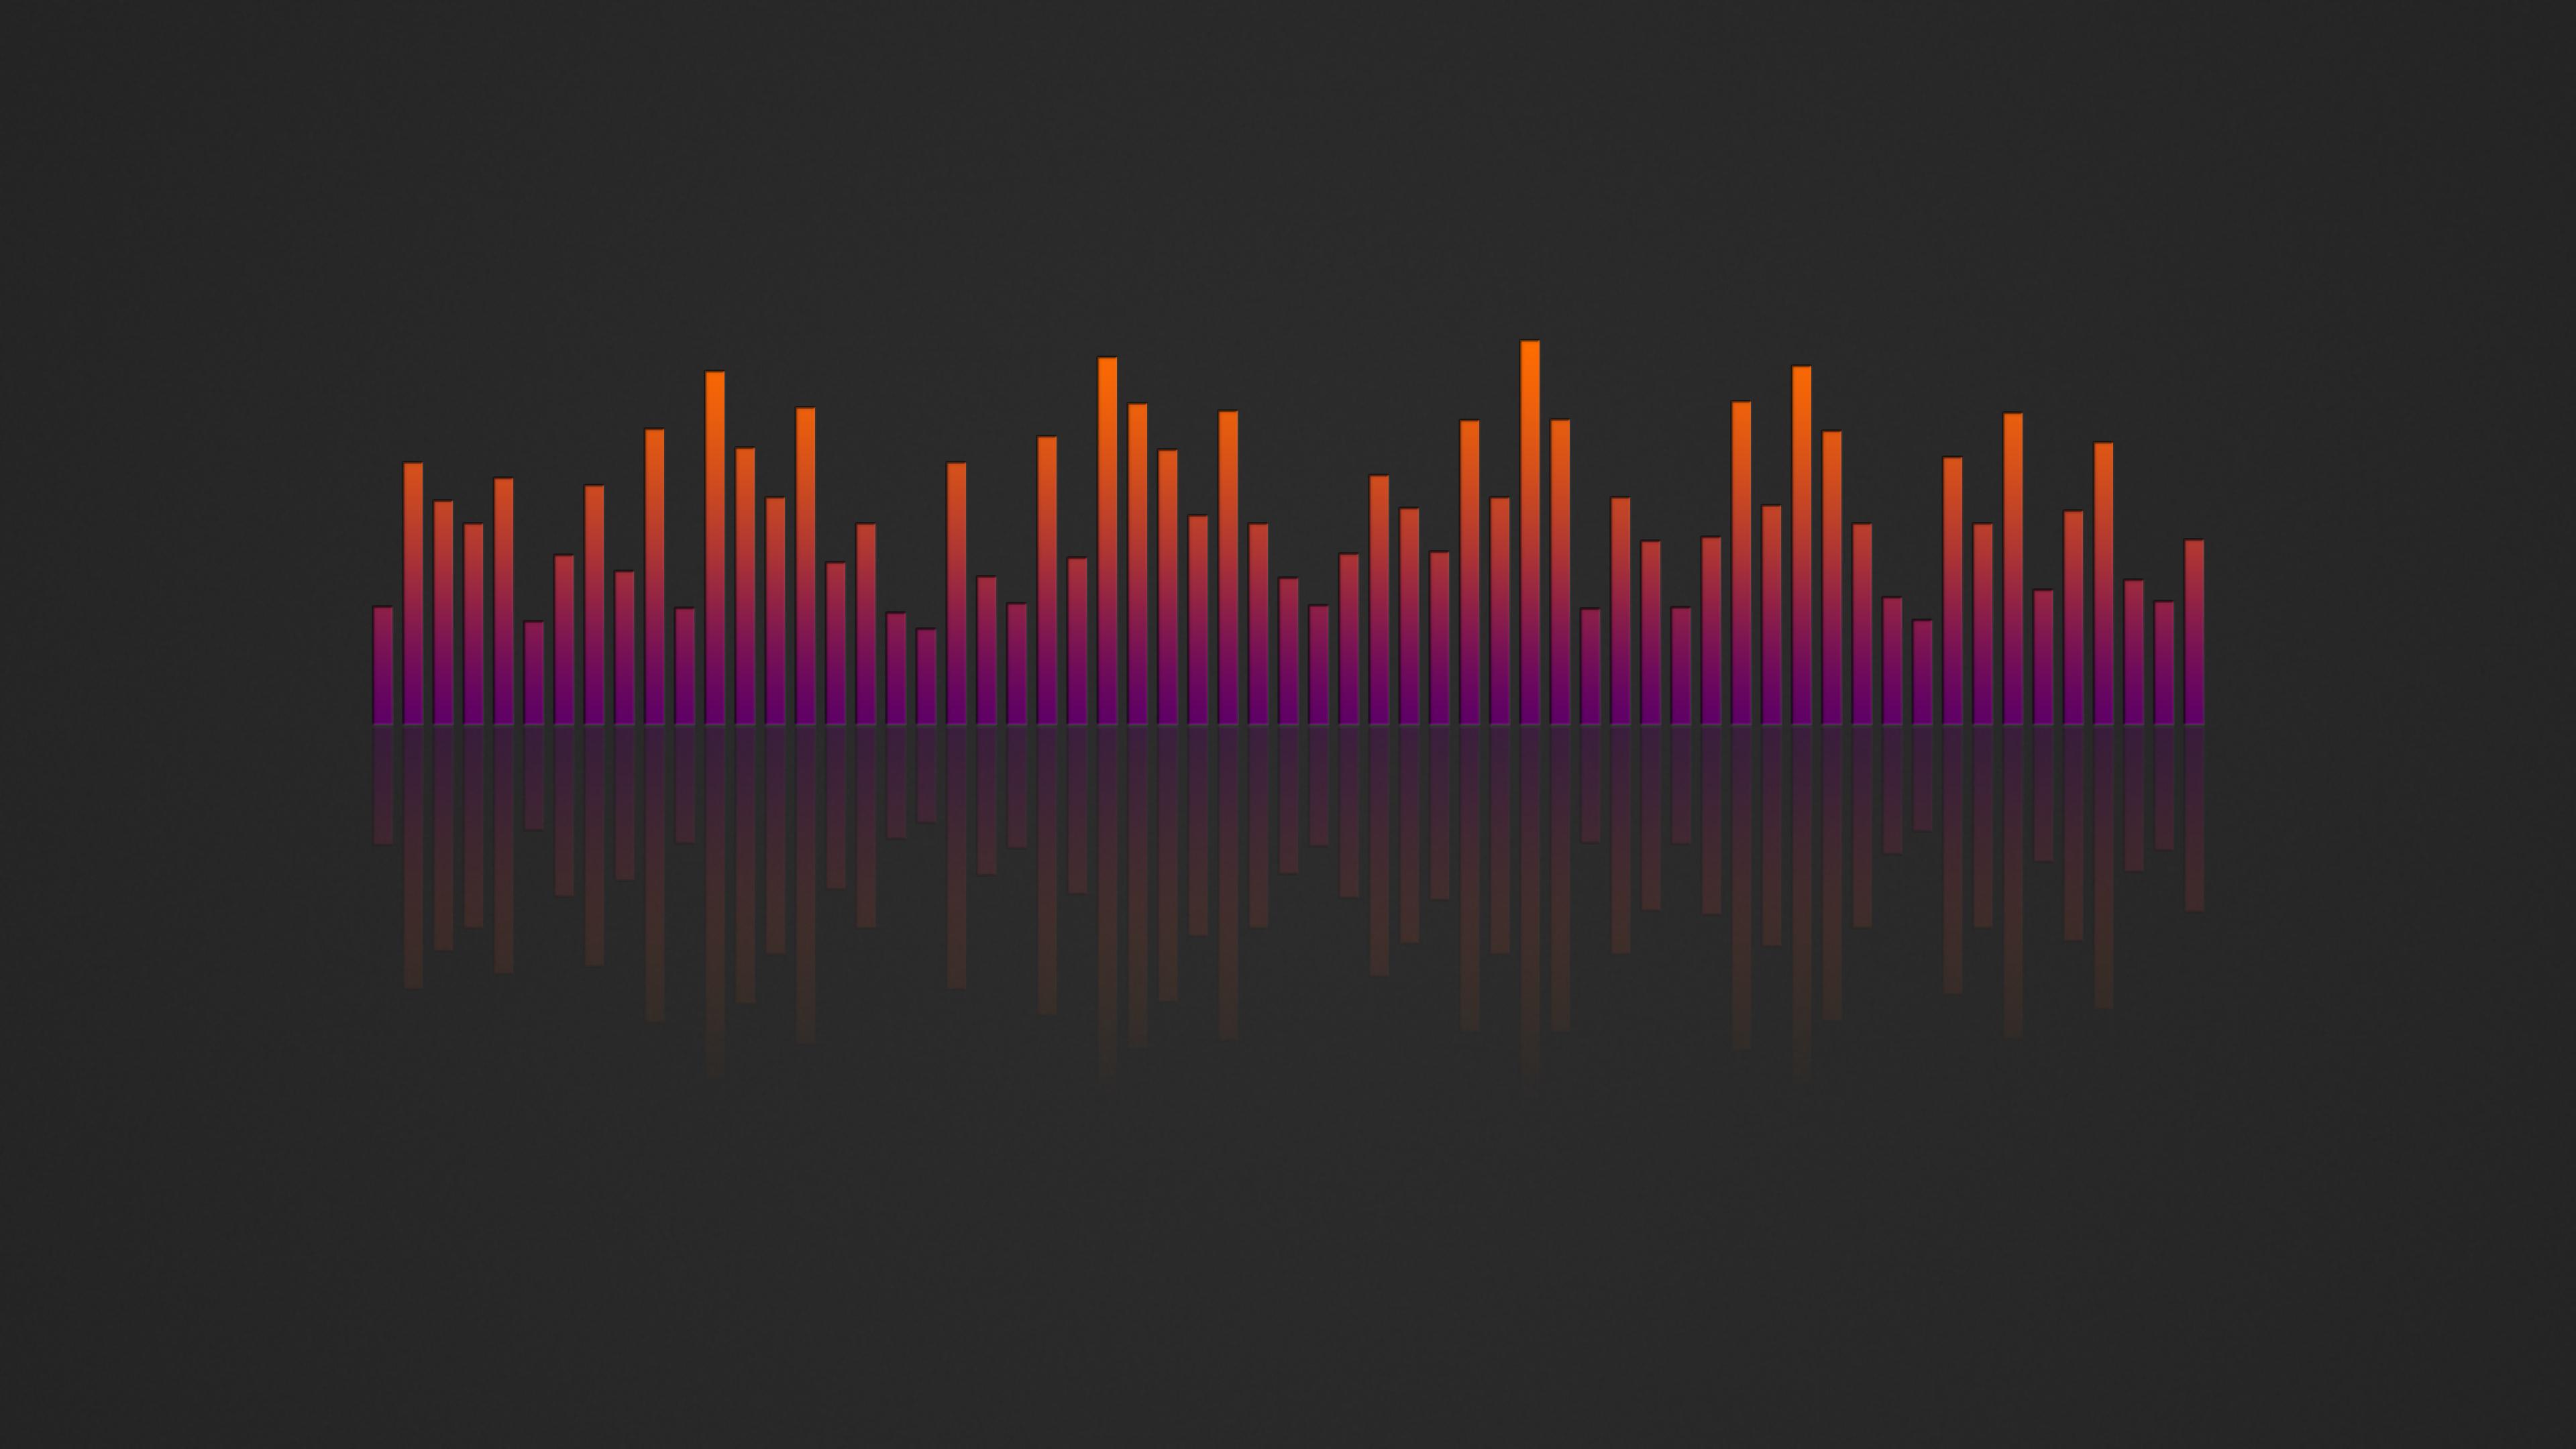 Music Visualizer 4k Wallpaper Orange Purple By Rv770 On Deviantart